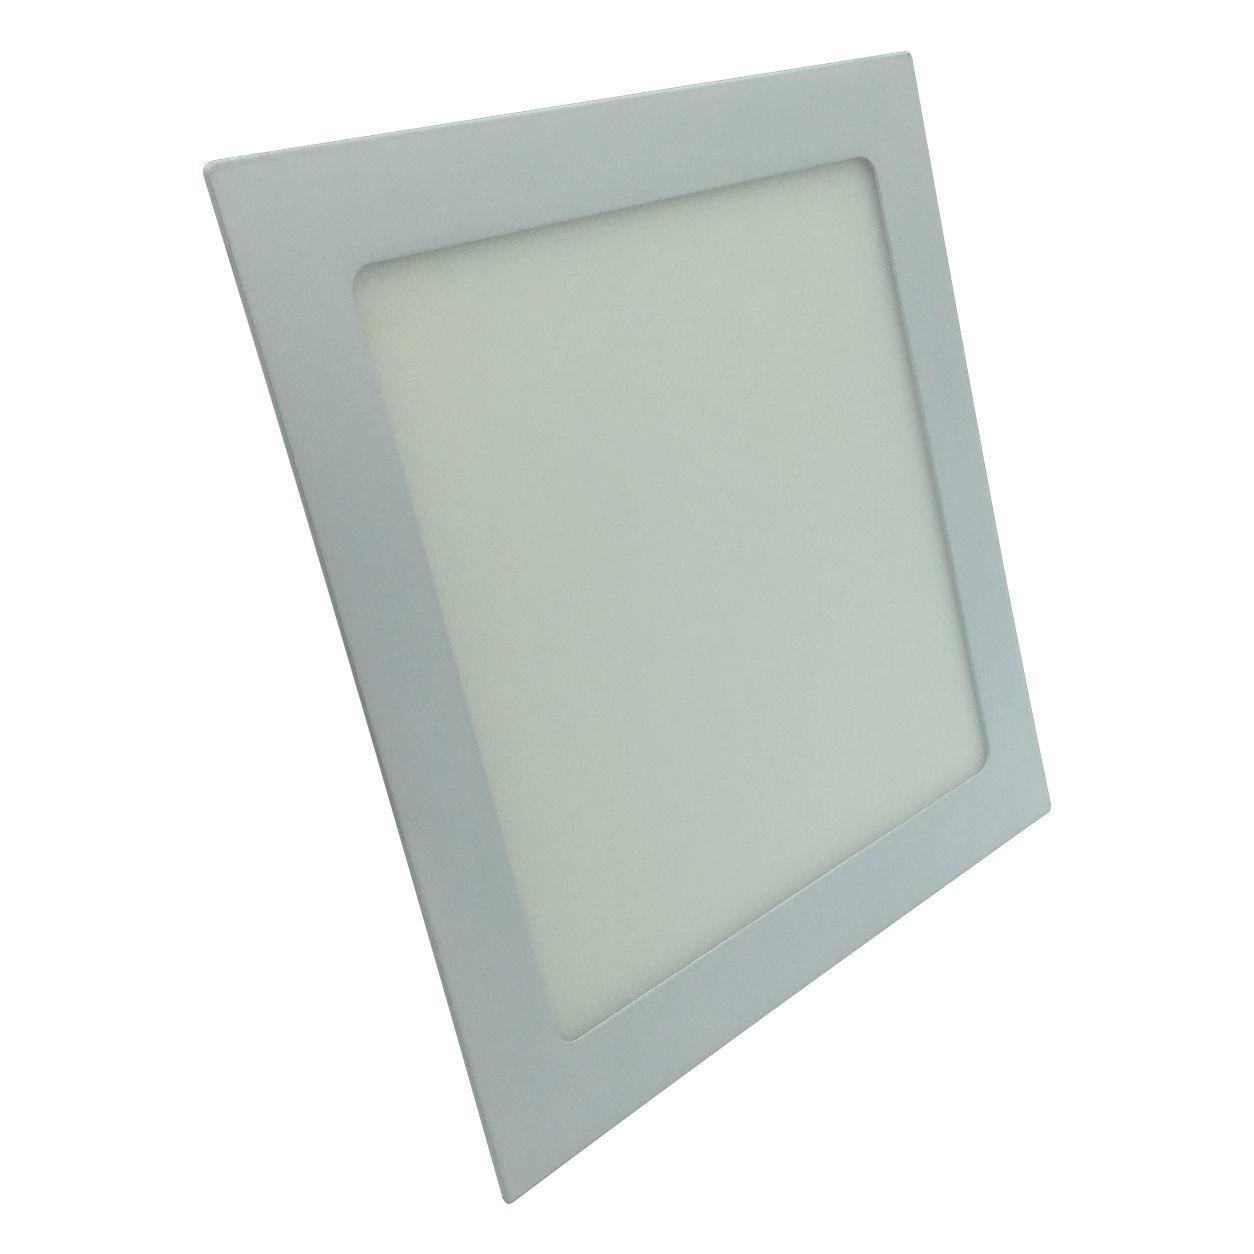 Painel de LED Embutir Quadrado 3000K - 18W (Bivolt)